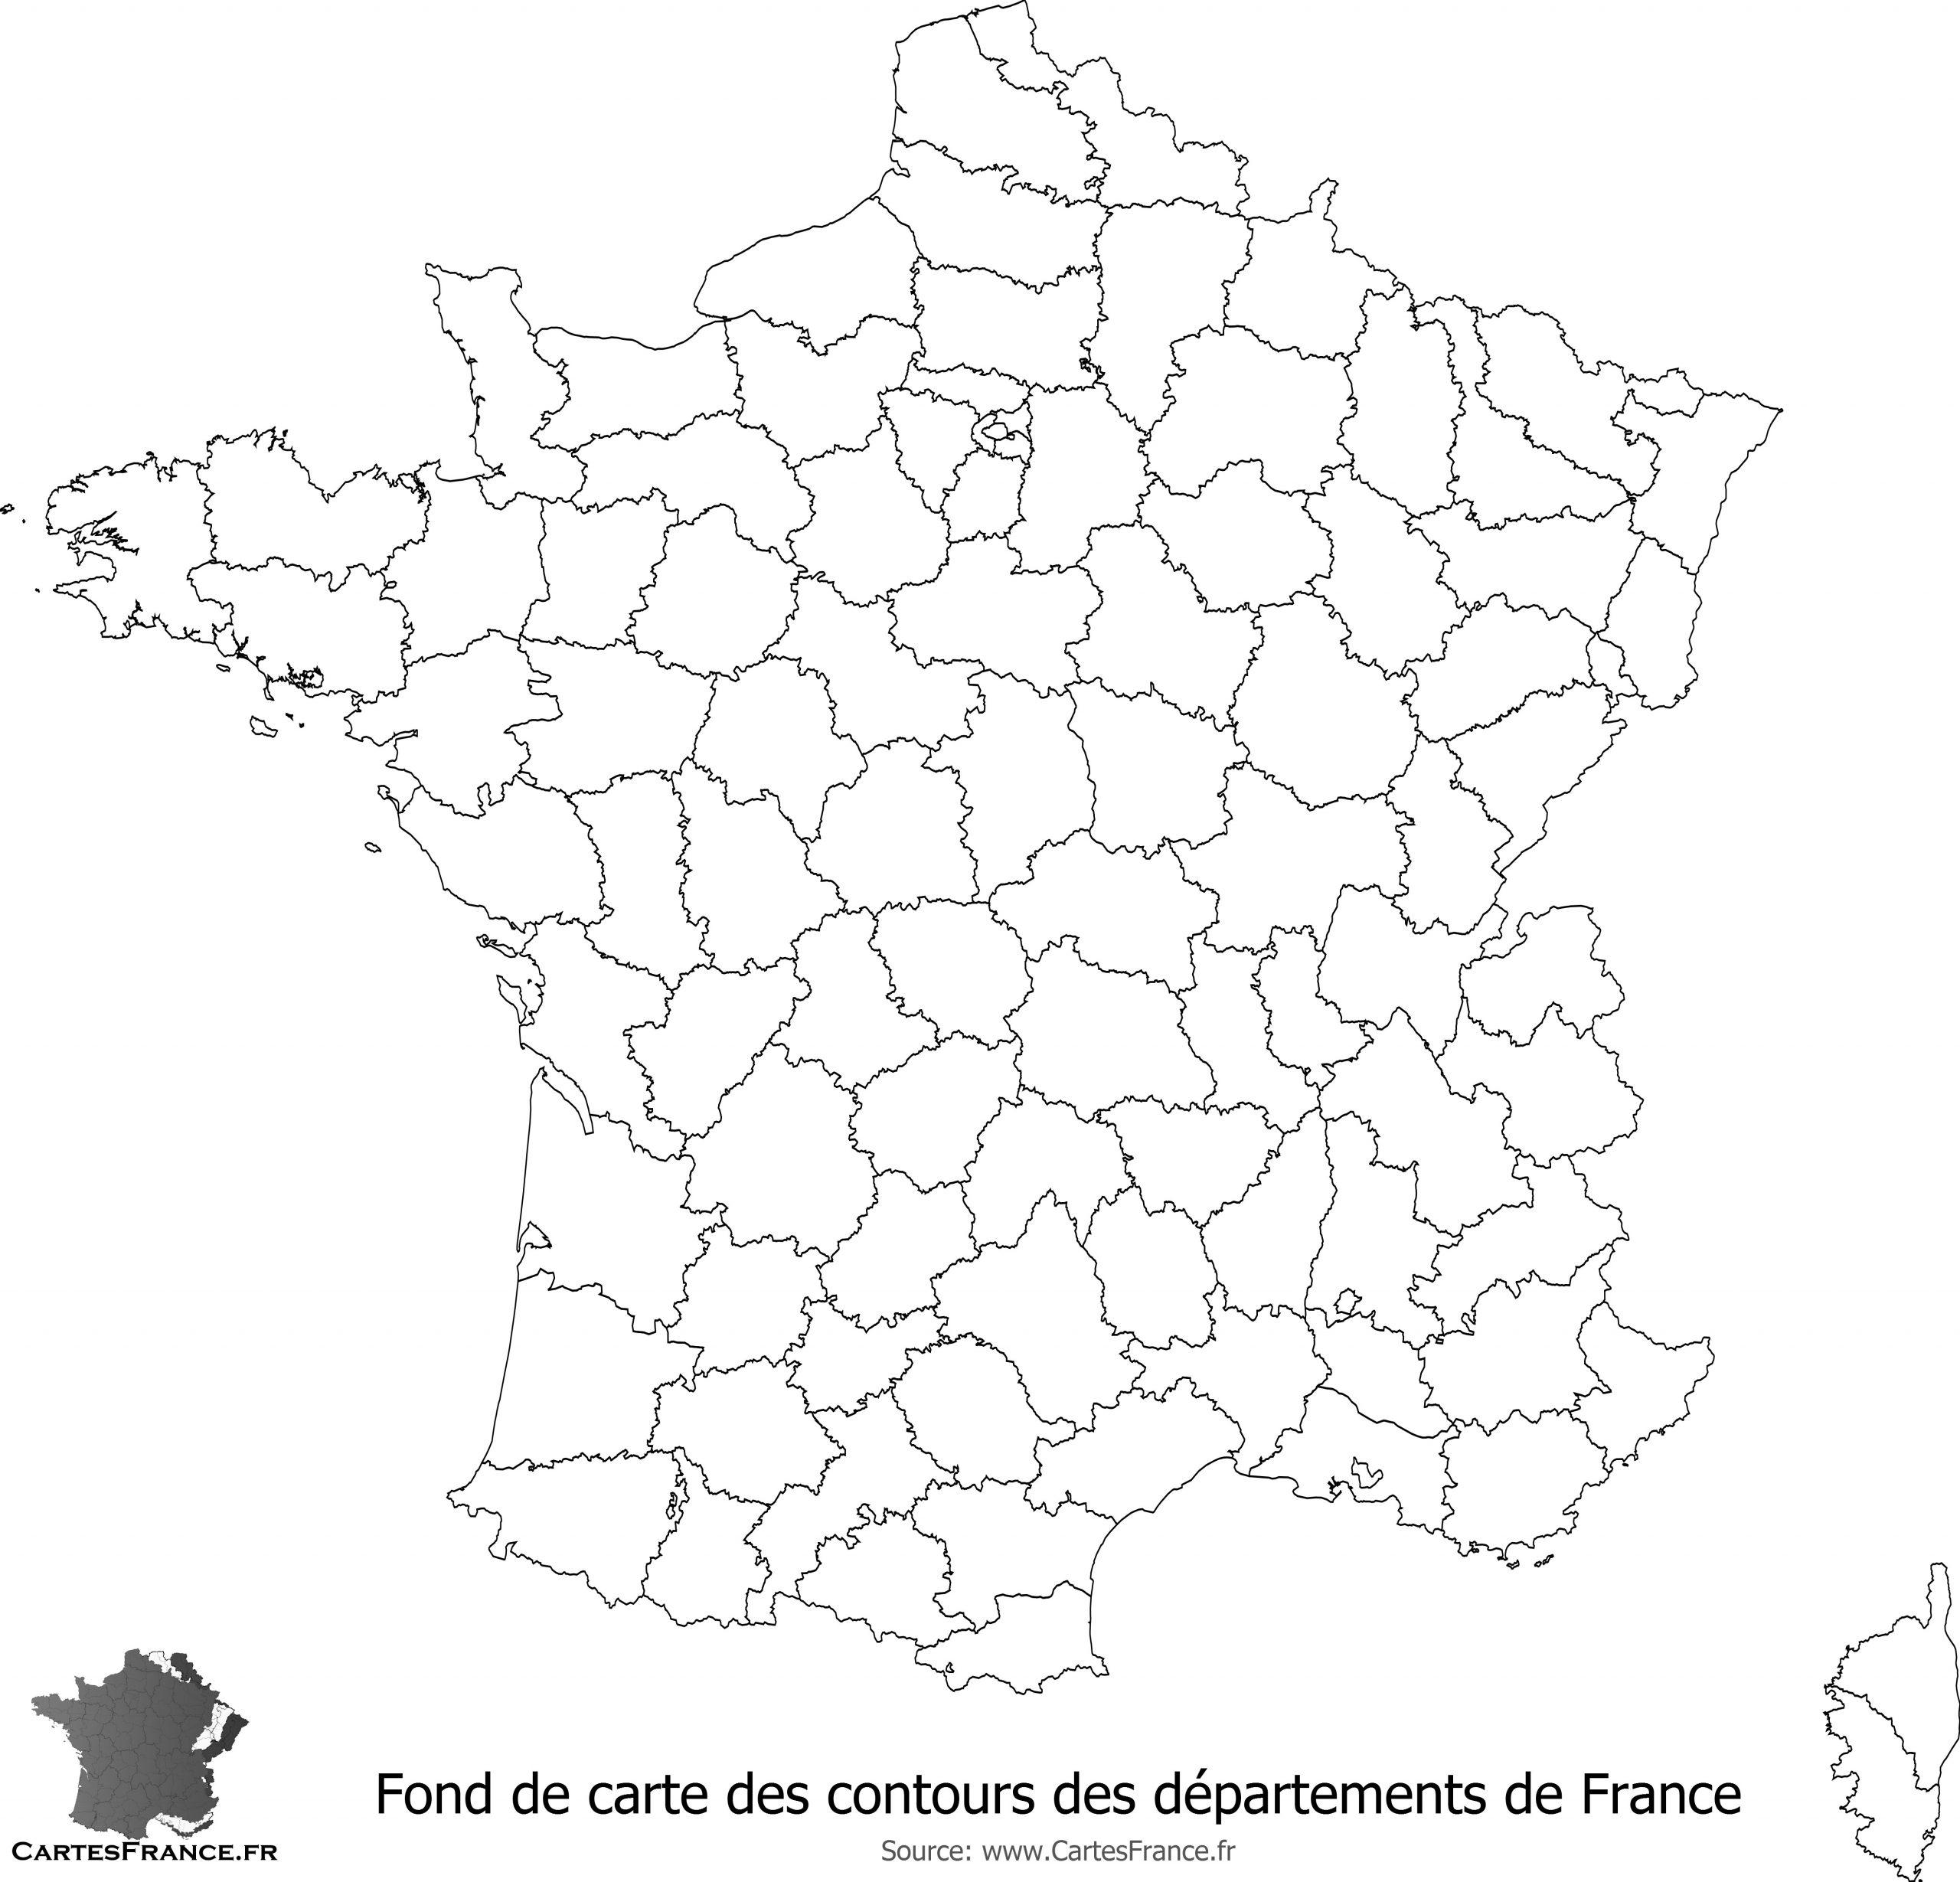 Fond De Carte Des Contours Des Départements De France intérieur Listes Des Départements Français